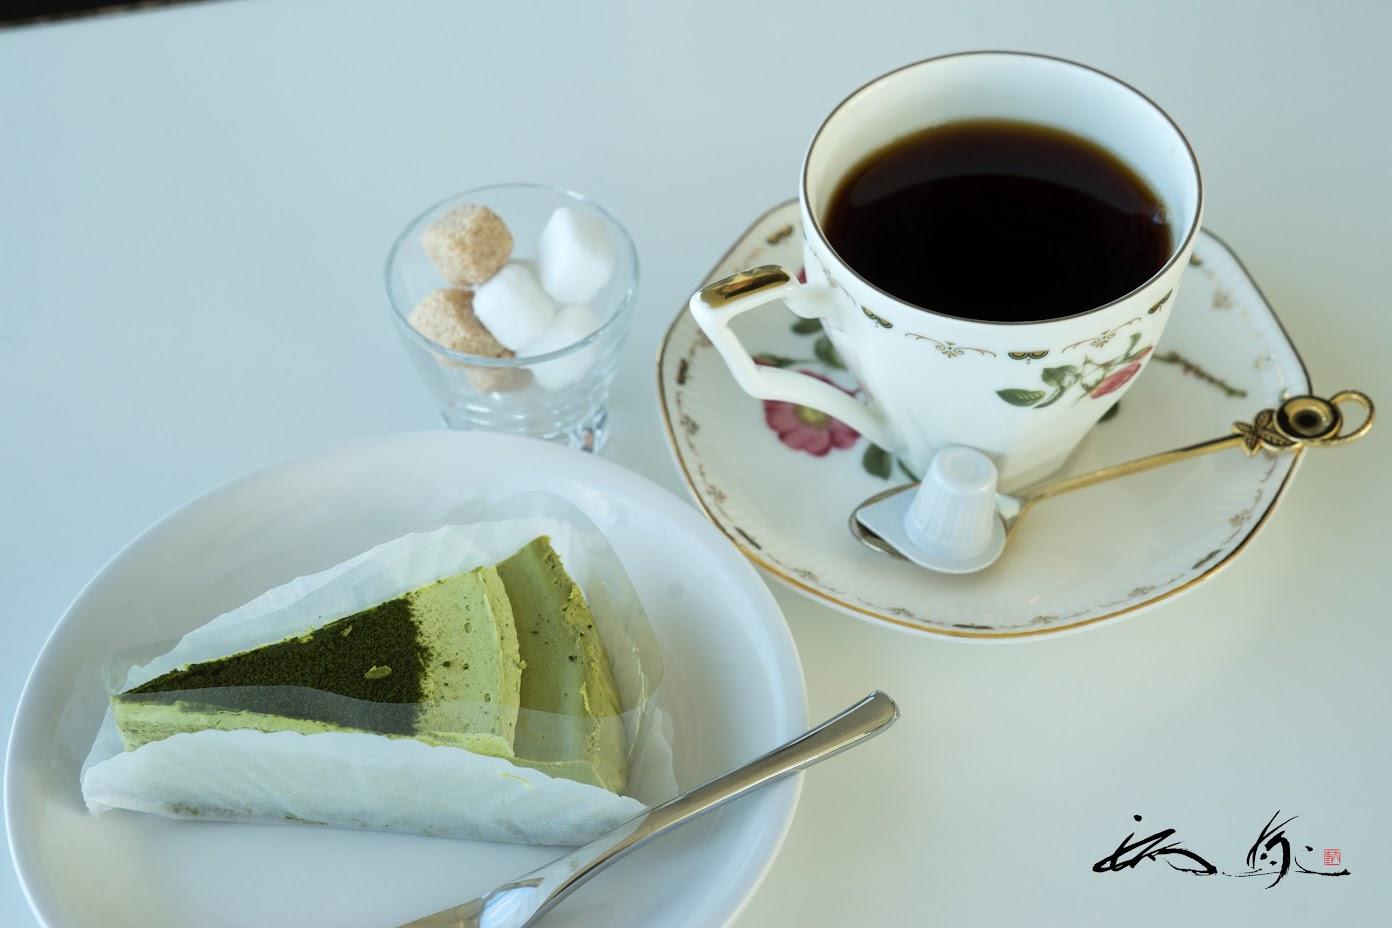 丸宗宇治抹茶と豆乳のチーズケーキセット